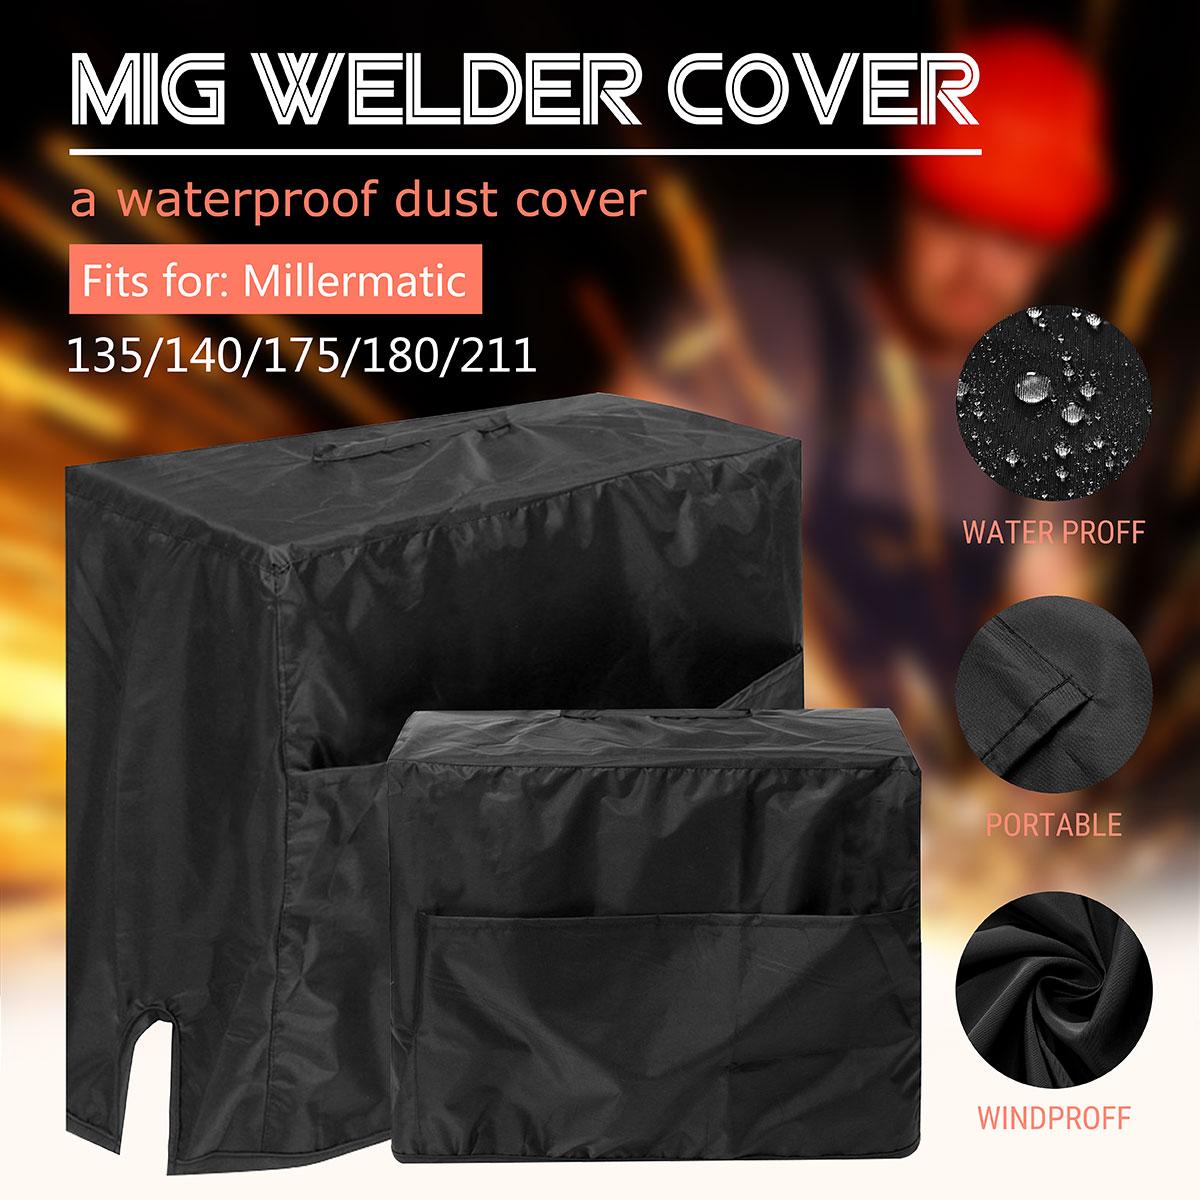 47*28*37cm Welding Machine Cover Dustproof Waterproof Protector Cloth For Millermatic 135/140/175/180/211 MIG Welding Machine